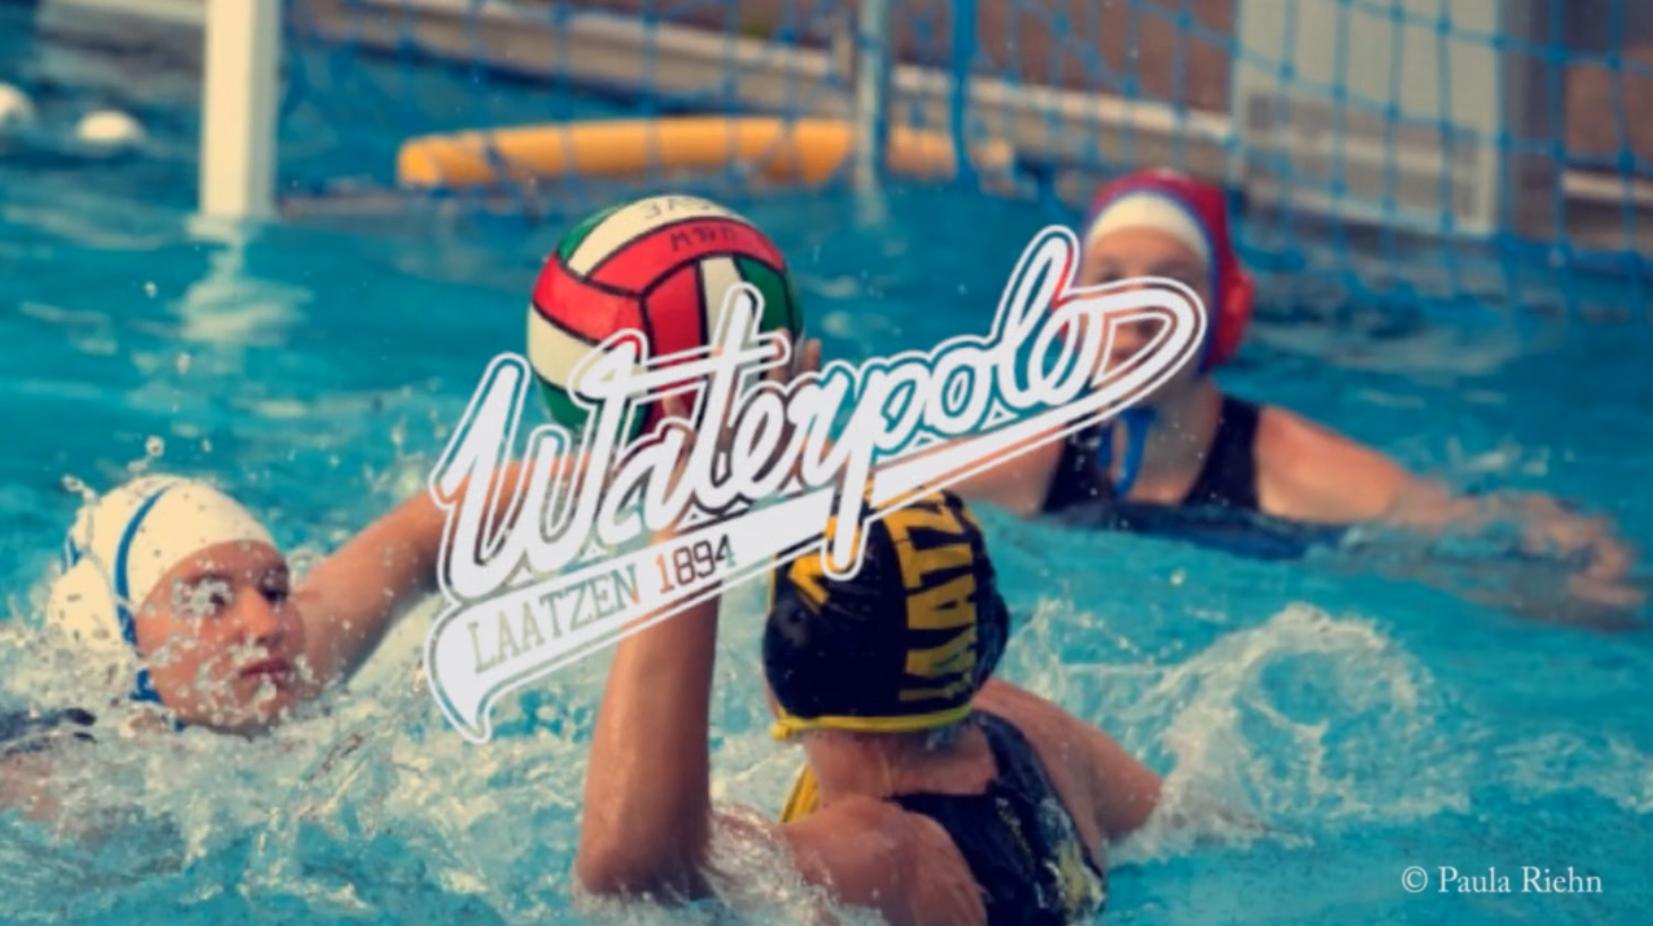 Video: Eindrücke aus dem Training im aquaLaatzium – U18/U16 (weiblich)